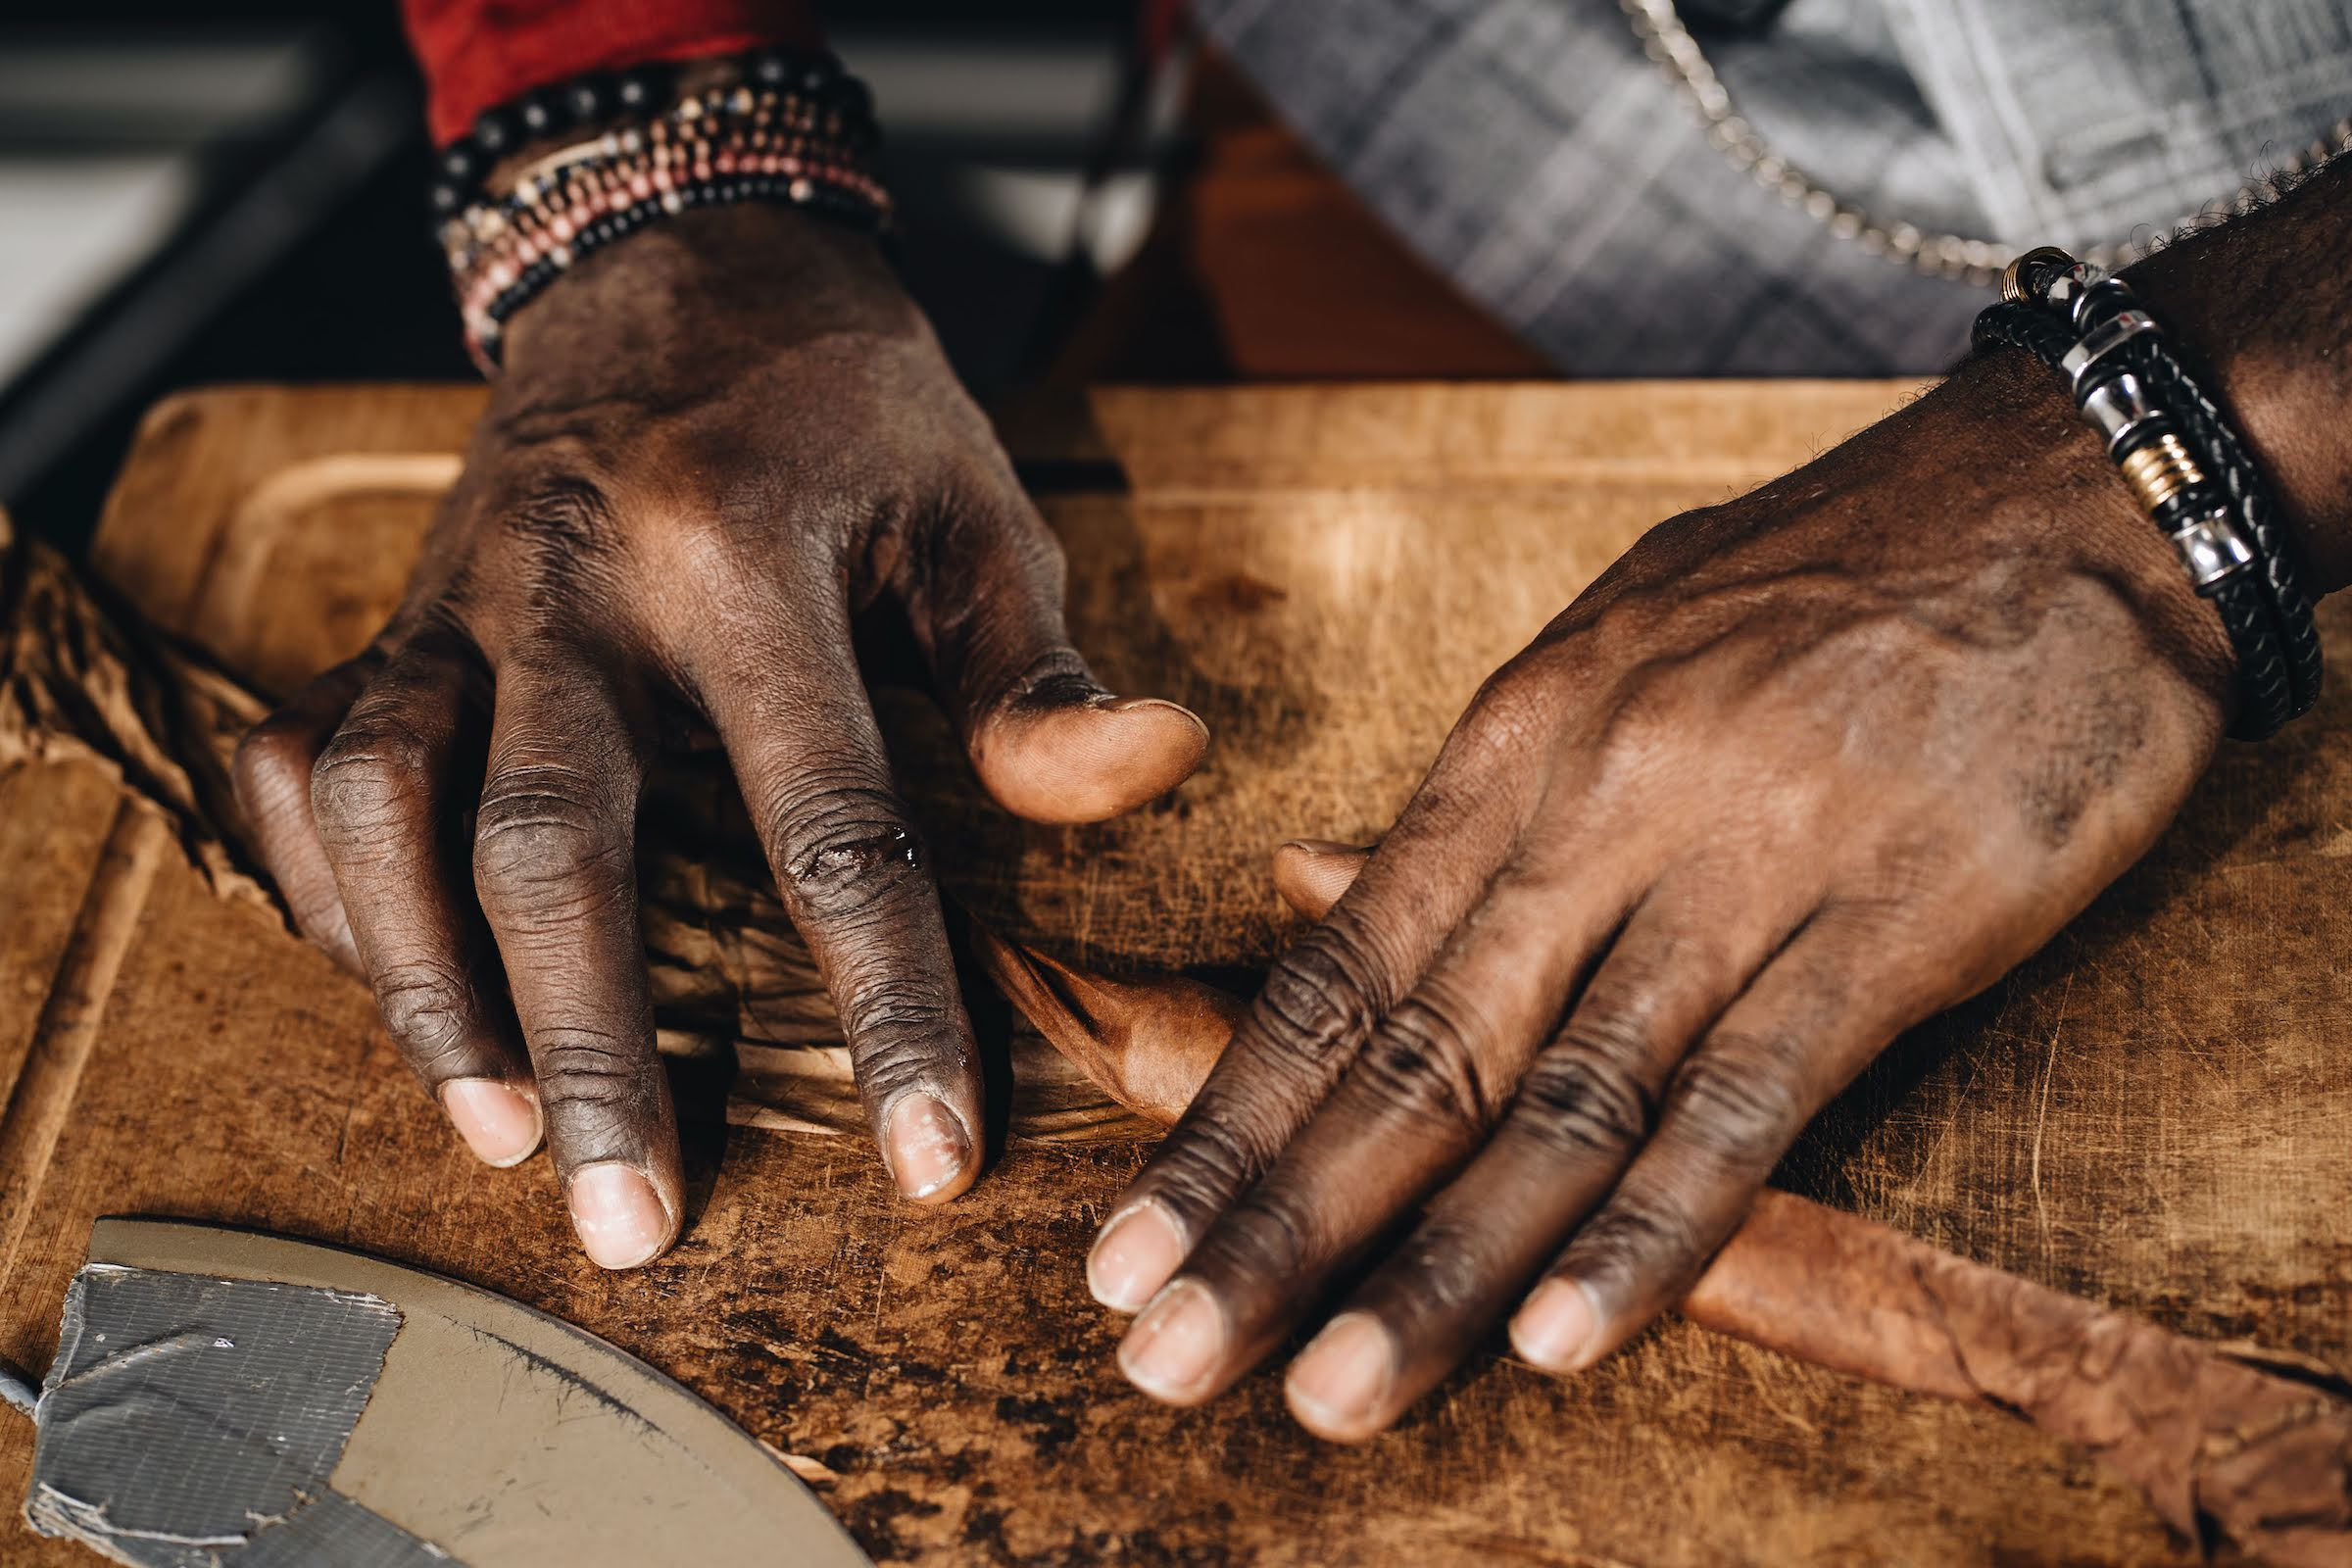 Zigarrenroller |Zigarrendreher | Zigarrenrollerin | Tabakroller | Zigarren |Handgemacht | Messe | Gala | Hochzeit | Buchen | Mieten | Anfragen